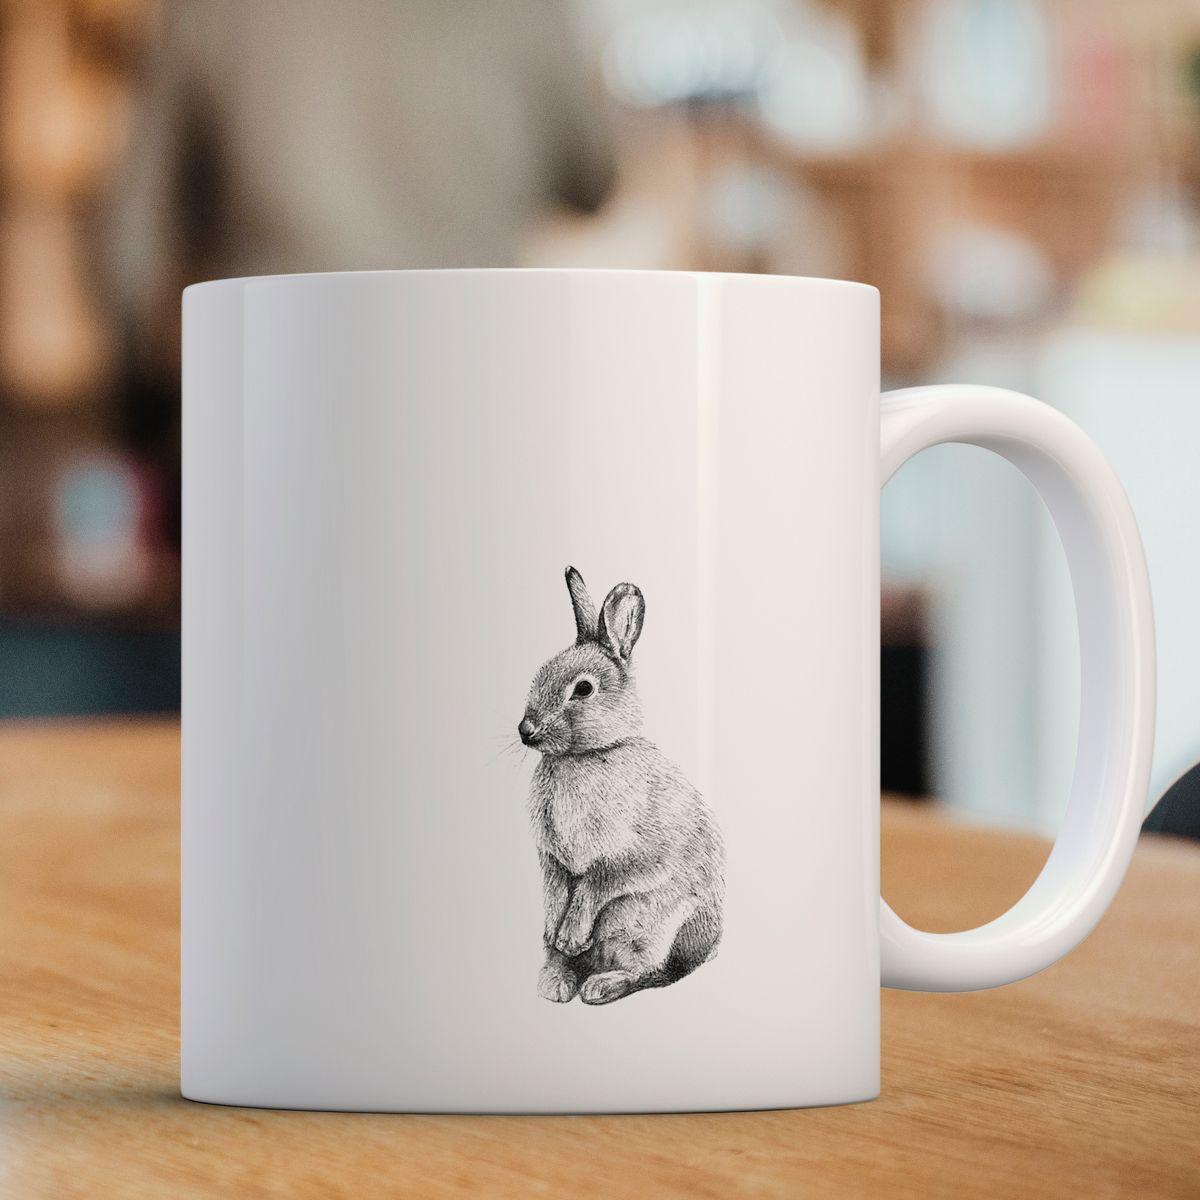 Custom printed Easter mugs